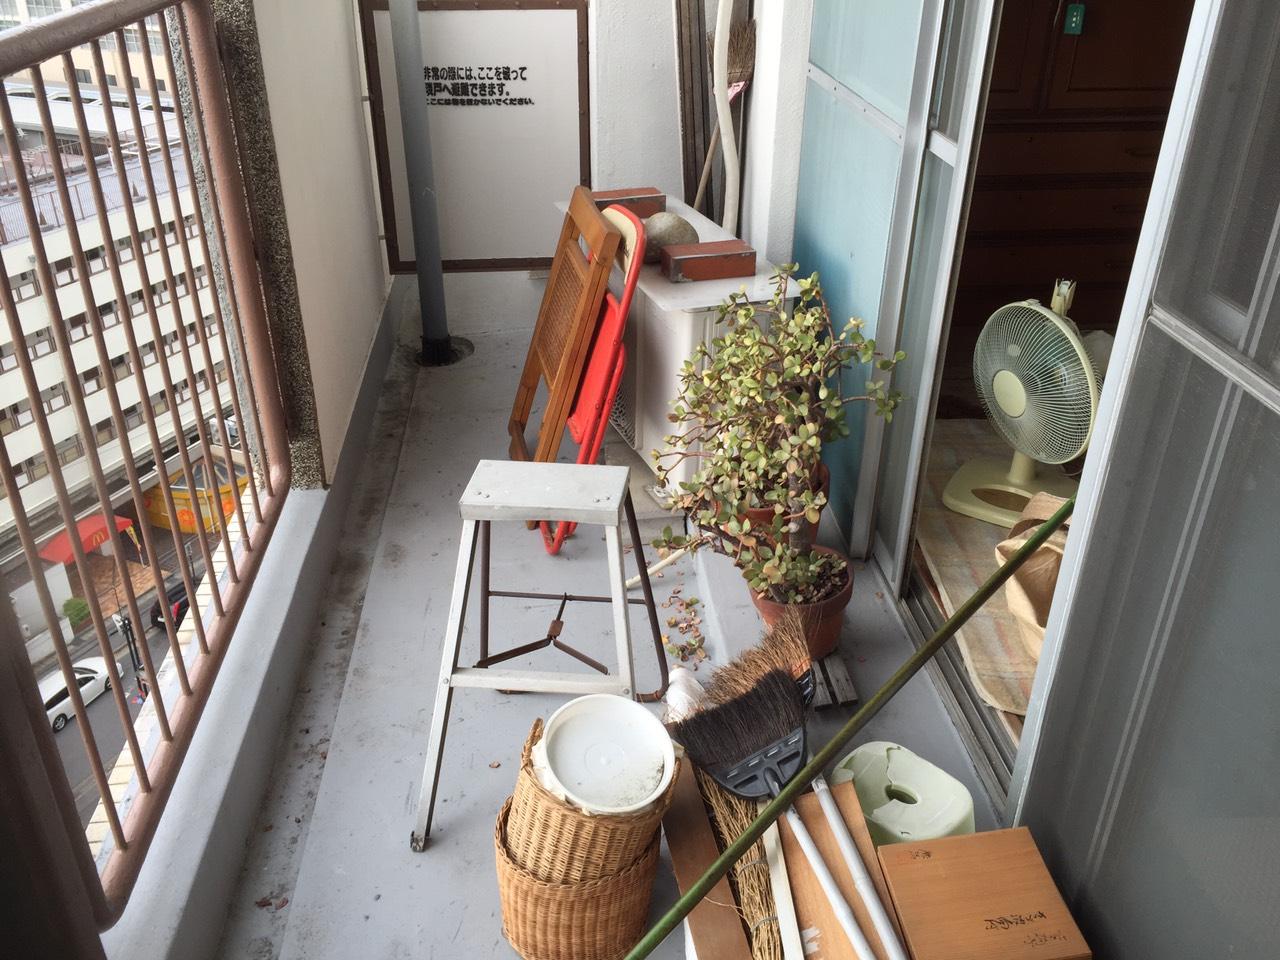 【愛知県名古屋市北区】ベランダの不用品回収とエアコンの撤去作業